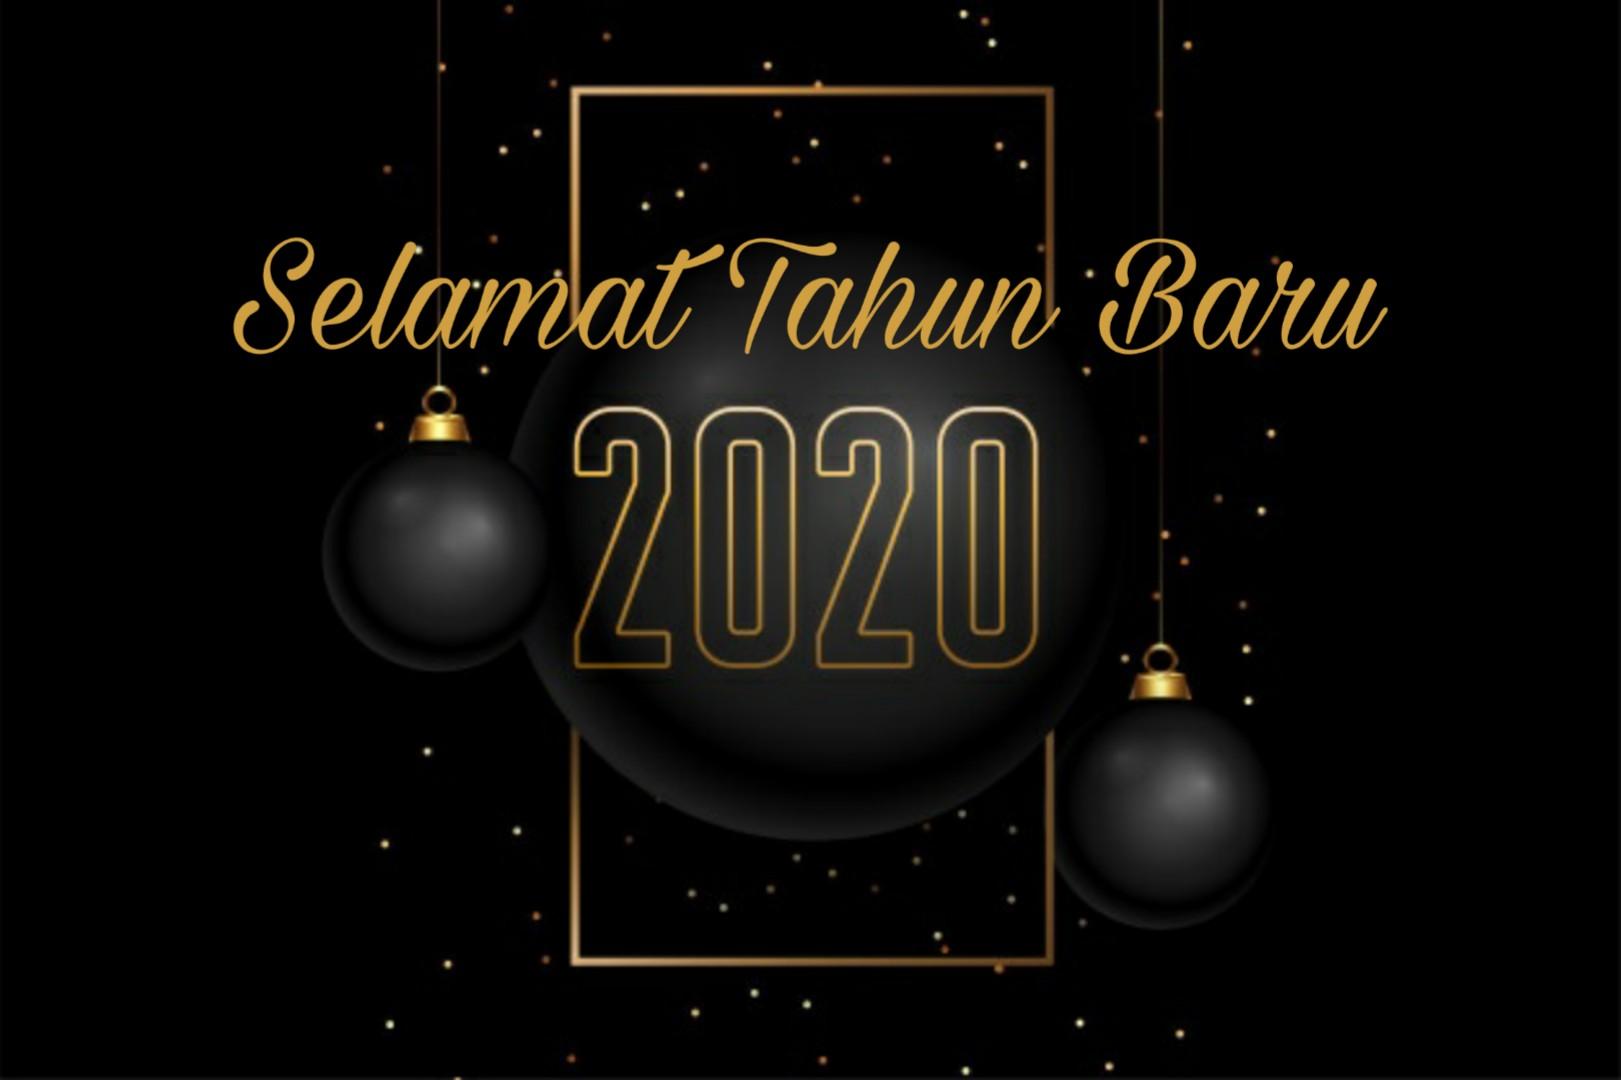 Gambar Ucapan Selamat Tahun Baru 2020